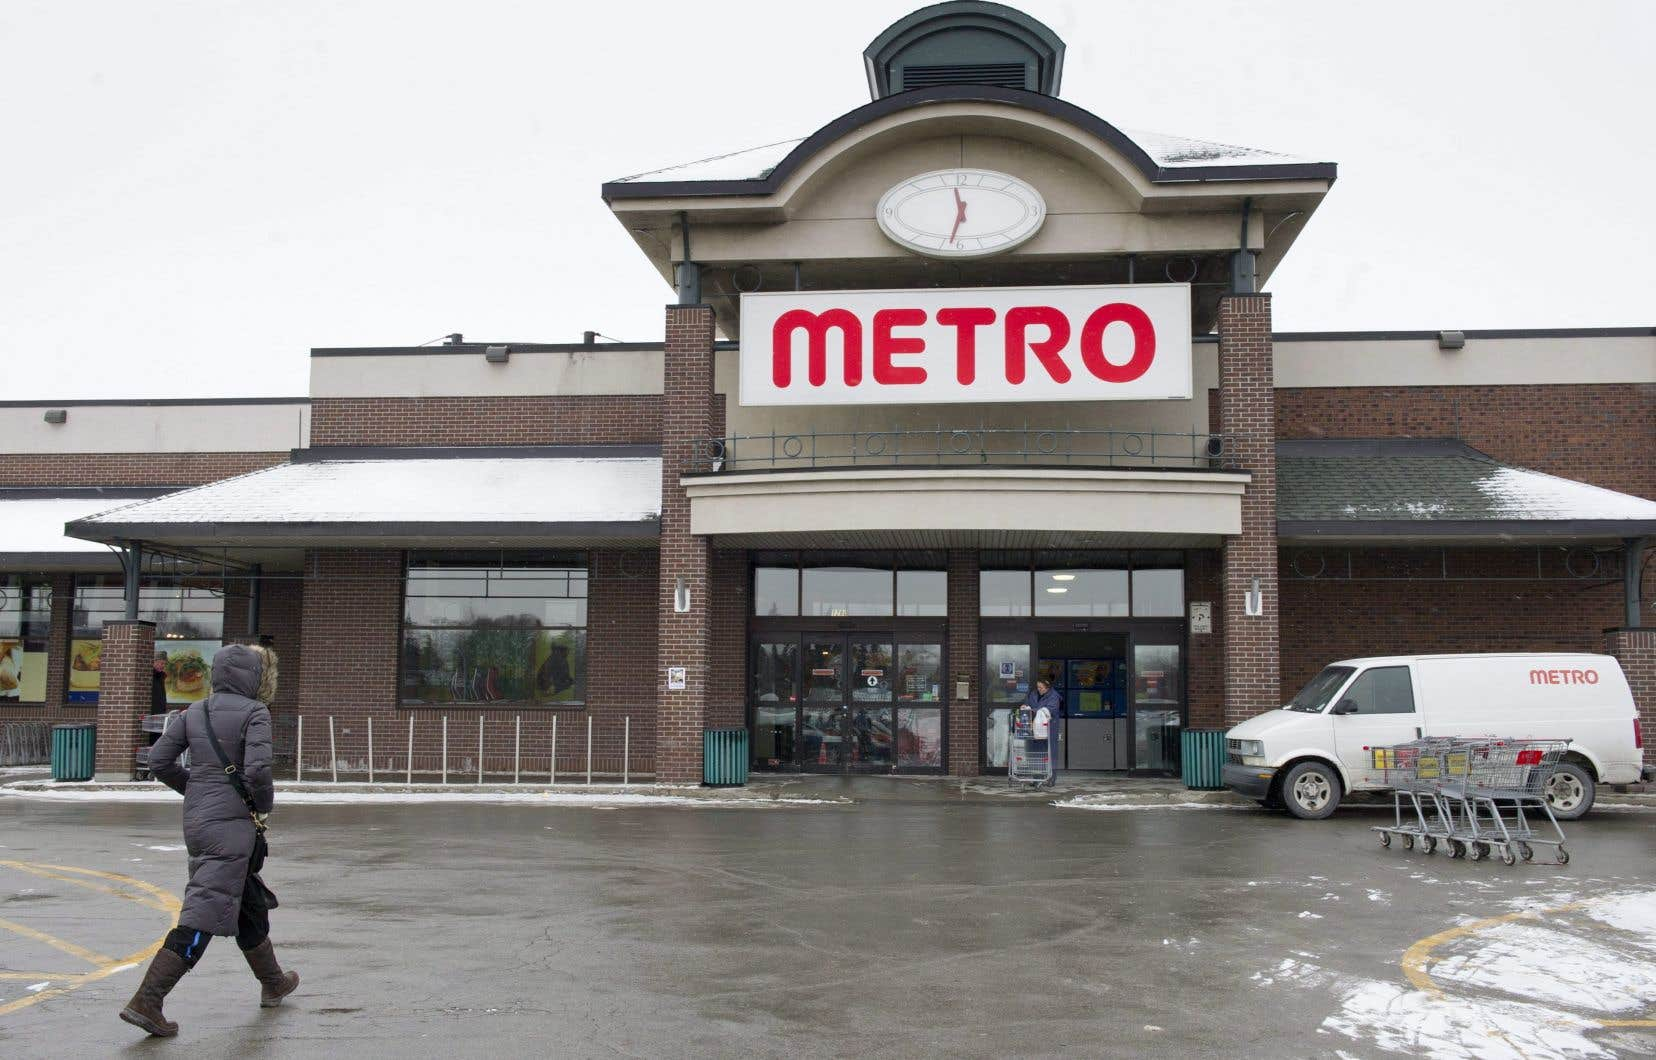 Metro n'a obtenu aucun incitatif financier de la Ville de Terrebonne pour venir s'installer dans la municipalité, a préciséle président et chef de la direction de l'épicier, Eric La Flèche.